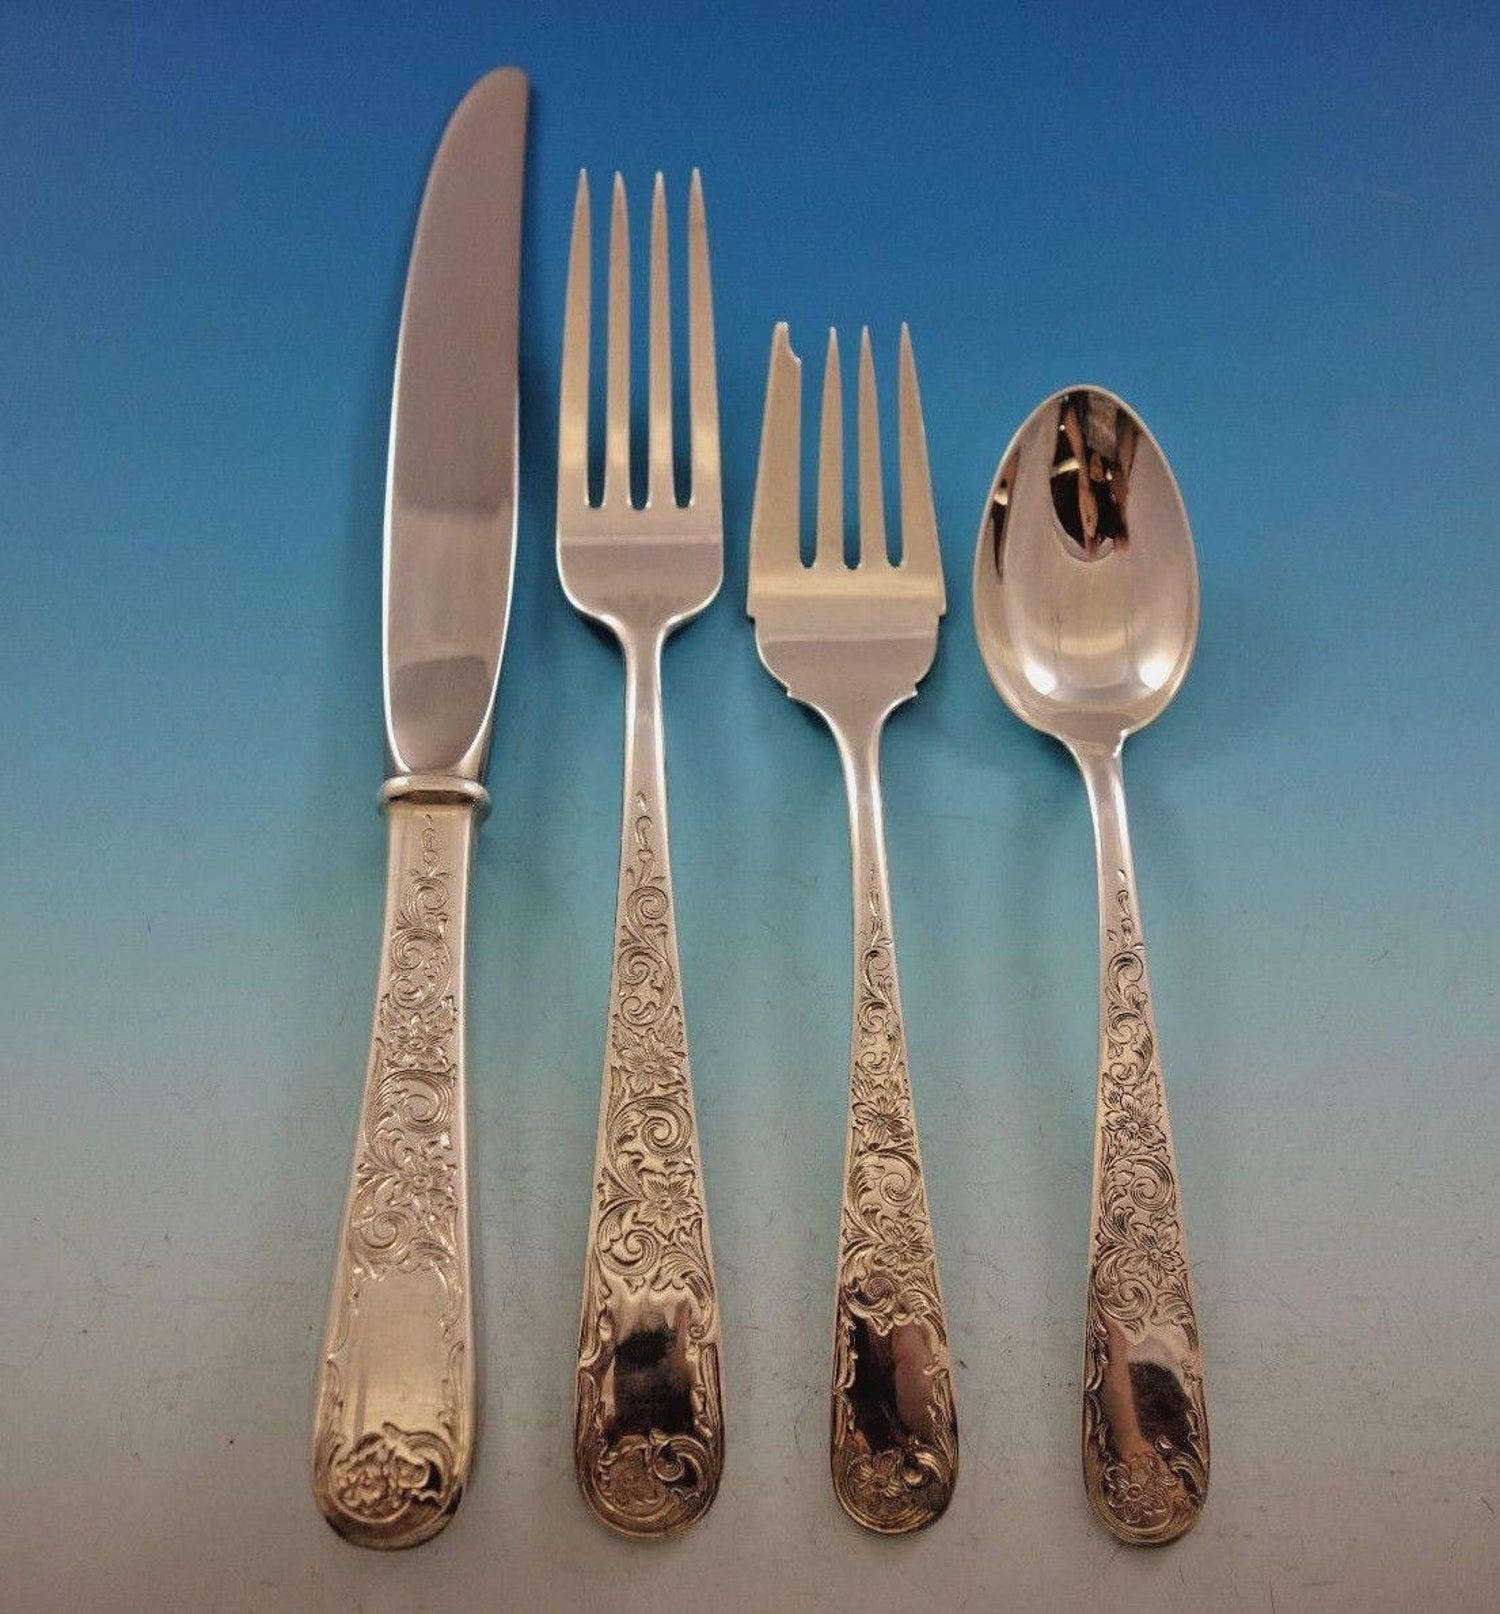 Old Marryland Engraved-Kirk Sterling Large Berry Spoon